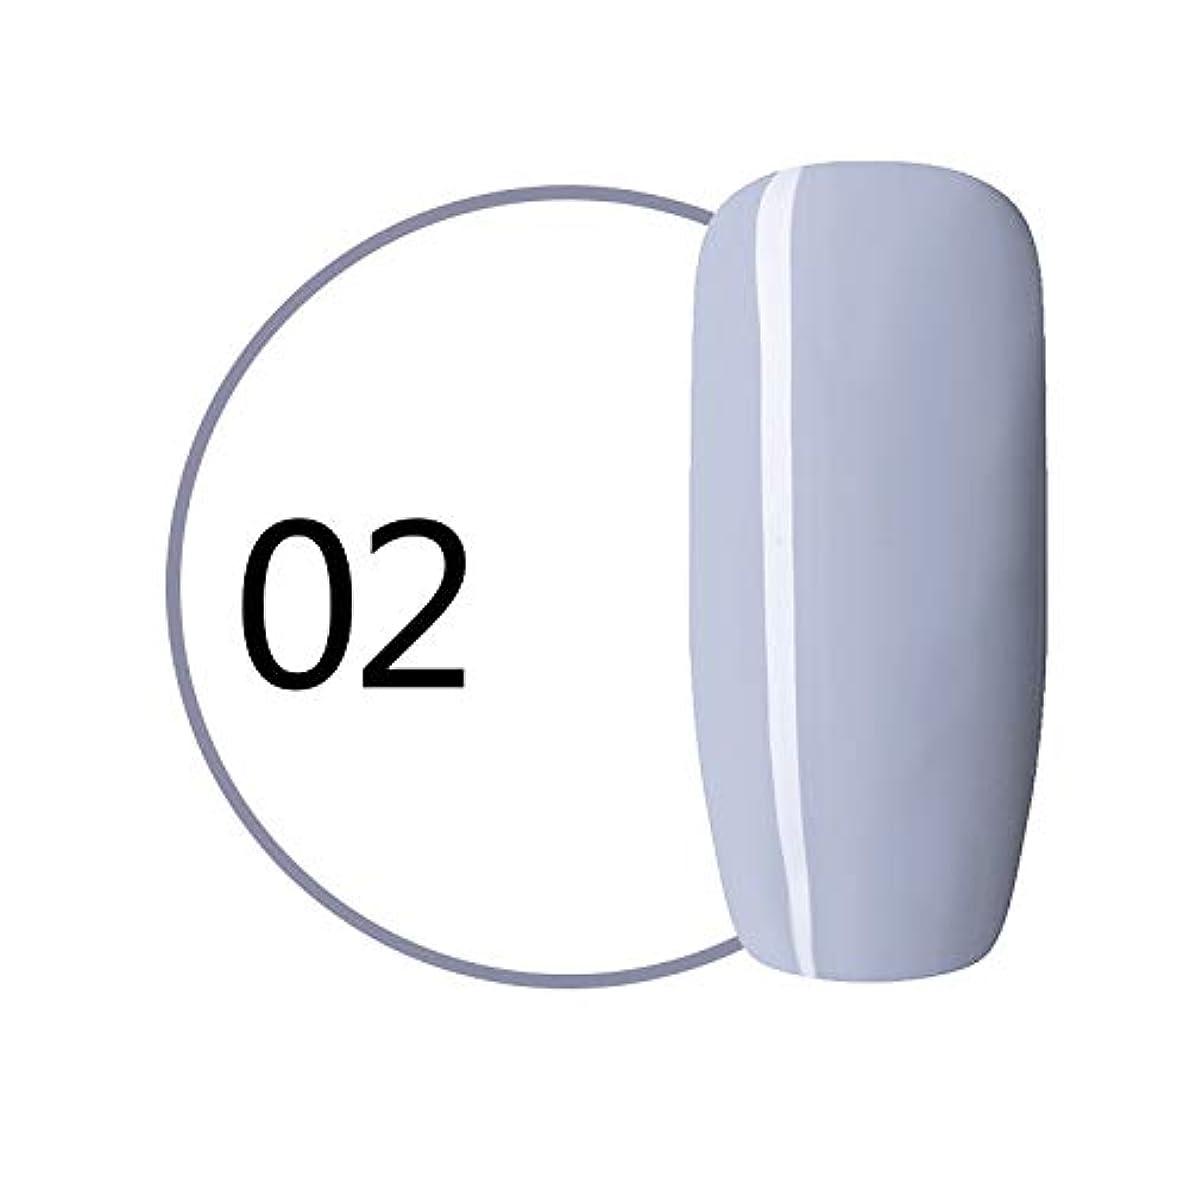 コジオスコ古い一見Symboat マニキュア ソークオフ UV LED ネイルジェルポリッシュ ワイングレーシリーズ ネイル用品 女優 人気 初心者にも対応 安全 無毒